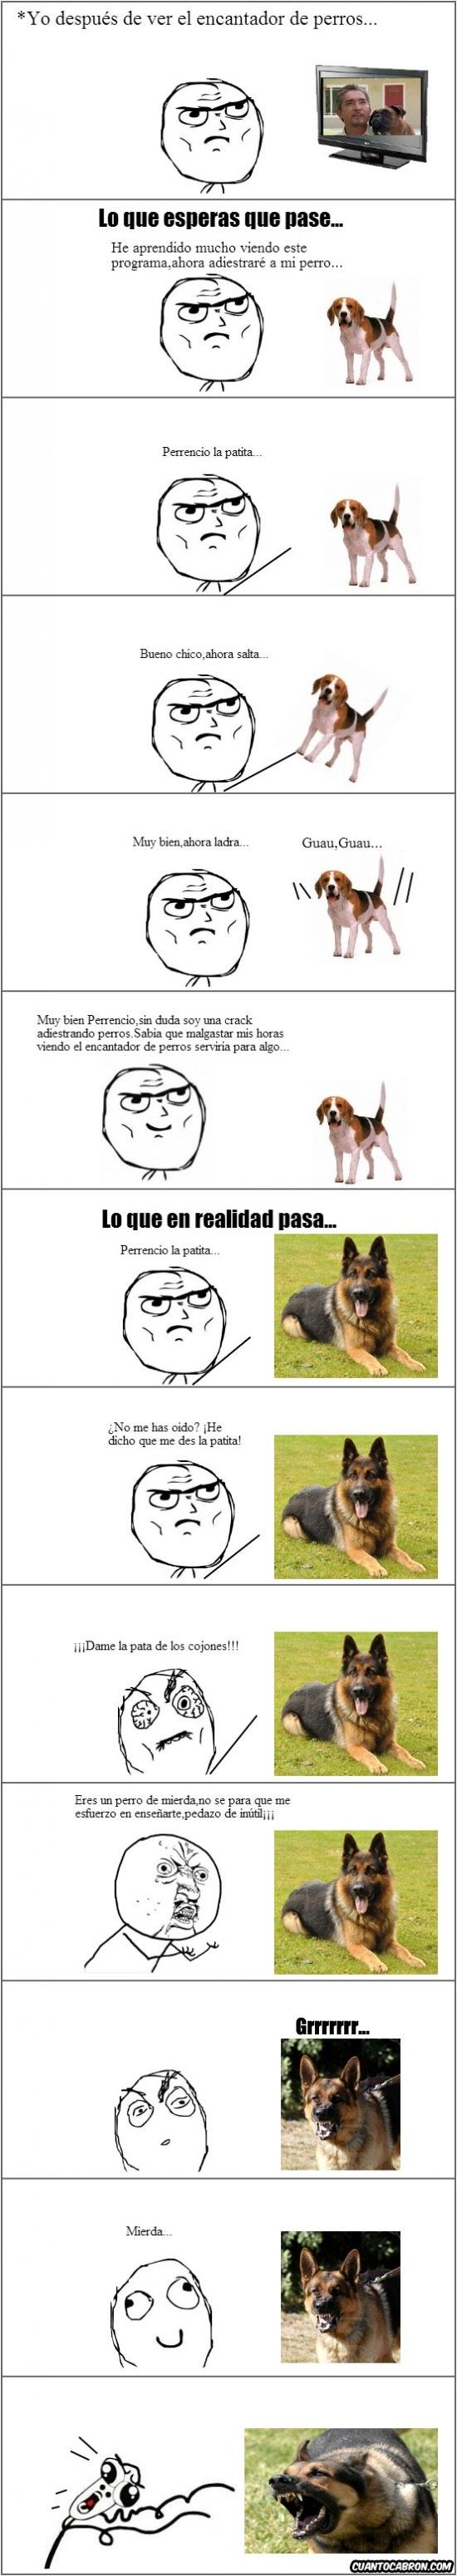 Omg_run - Mi futuro como encantador de perros